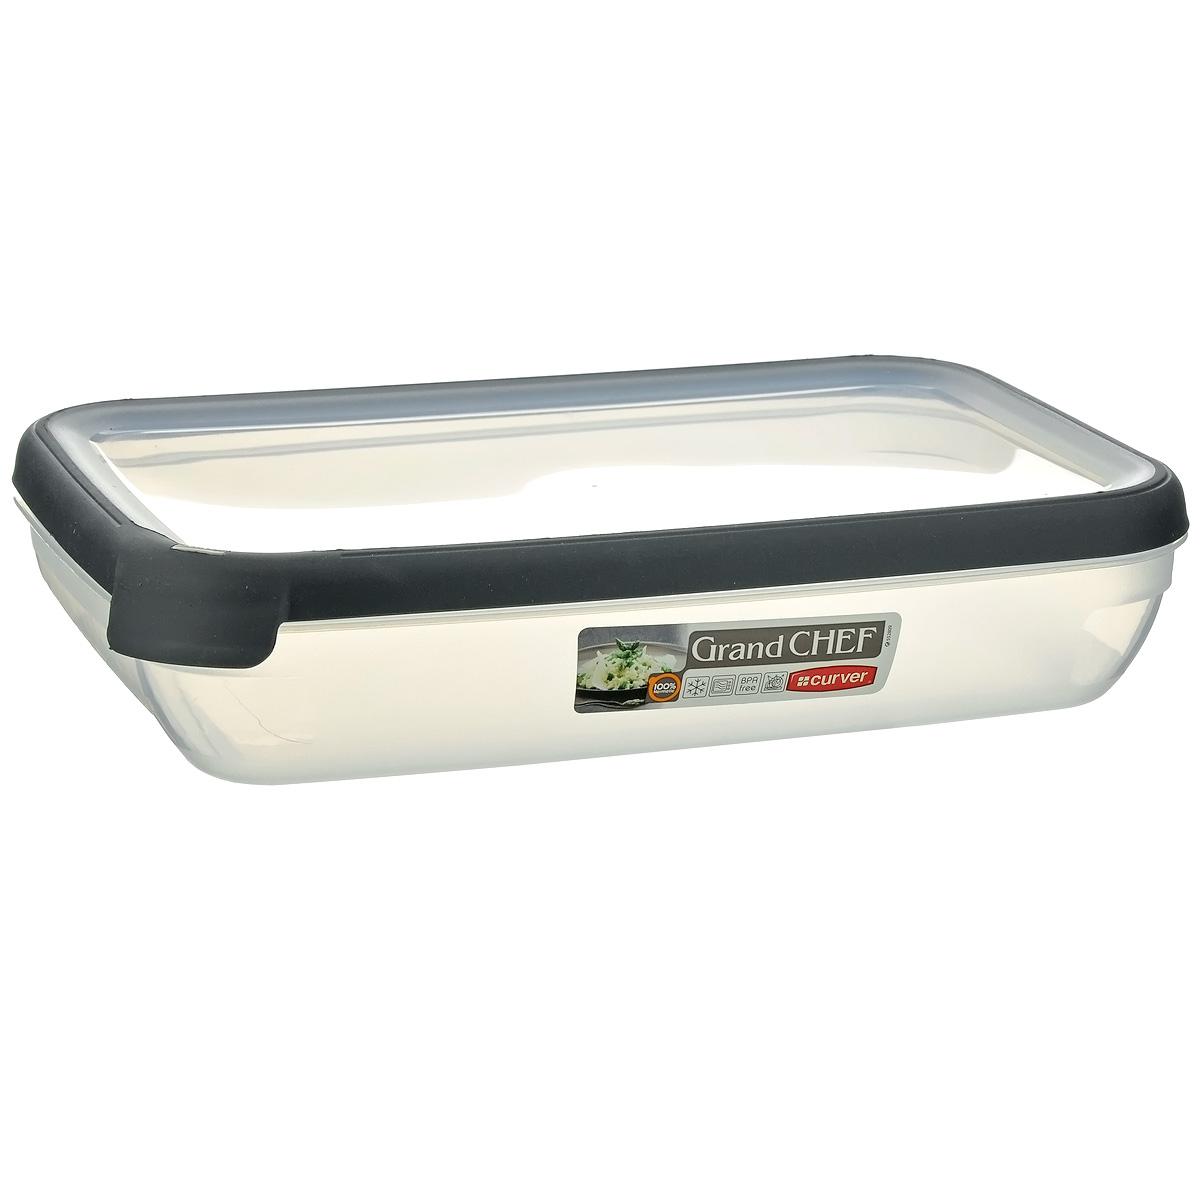 Емкость для заморозки и СВЧ Curver Grand Chef, цвет: серый, 2,6 л00009-673-00Прямоугольная емкость для заморозки и СВЧ Grand Chef изготовлена из высококачественного пищевого пластика (BPA free), который выдерживает температуру от -40°С до +100°С. Стенки емкости и крышка прозрачные. Крышка по краю оснащена силиконовой вставкой, благодаря которой плотно и герметично закрывается, дольше сохраняя продукты свежими и вкусными. Емкость удобно брать с собой на пикник, дачу, в поход или просто использовать для хранения пищи в холодильнике. Можно использовать в микроволновой печи и для заморозки в морозильной камере. Можно мыть в посудомоечной машине.